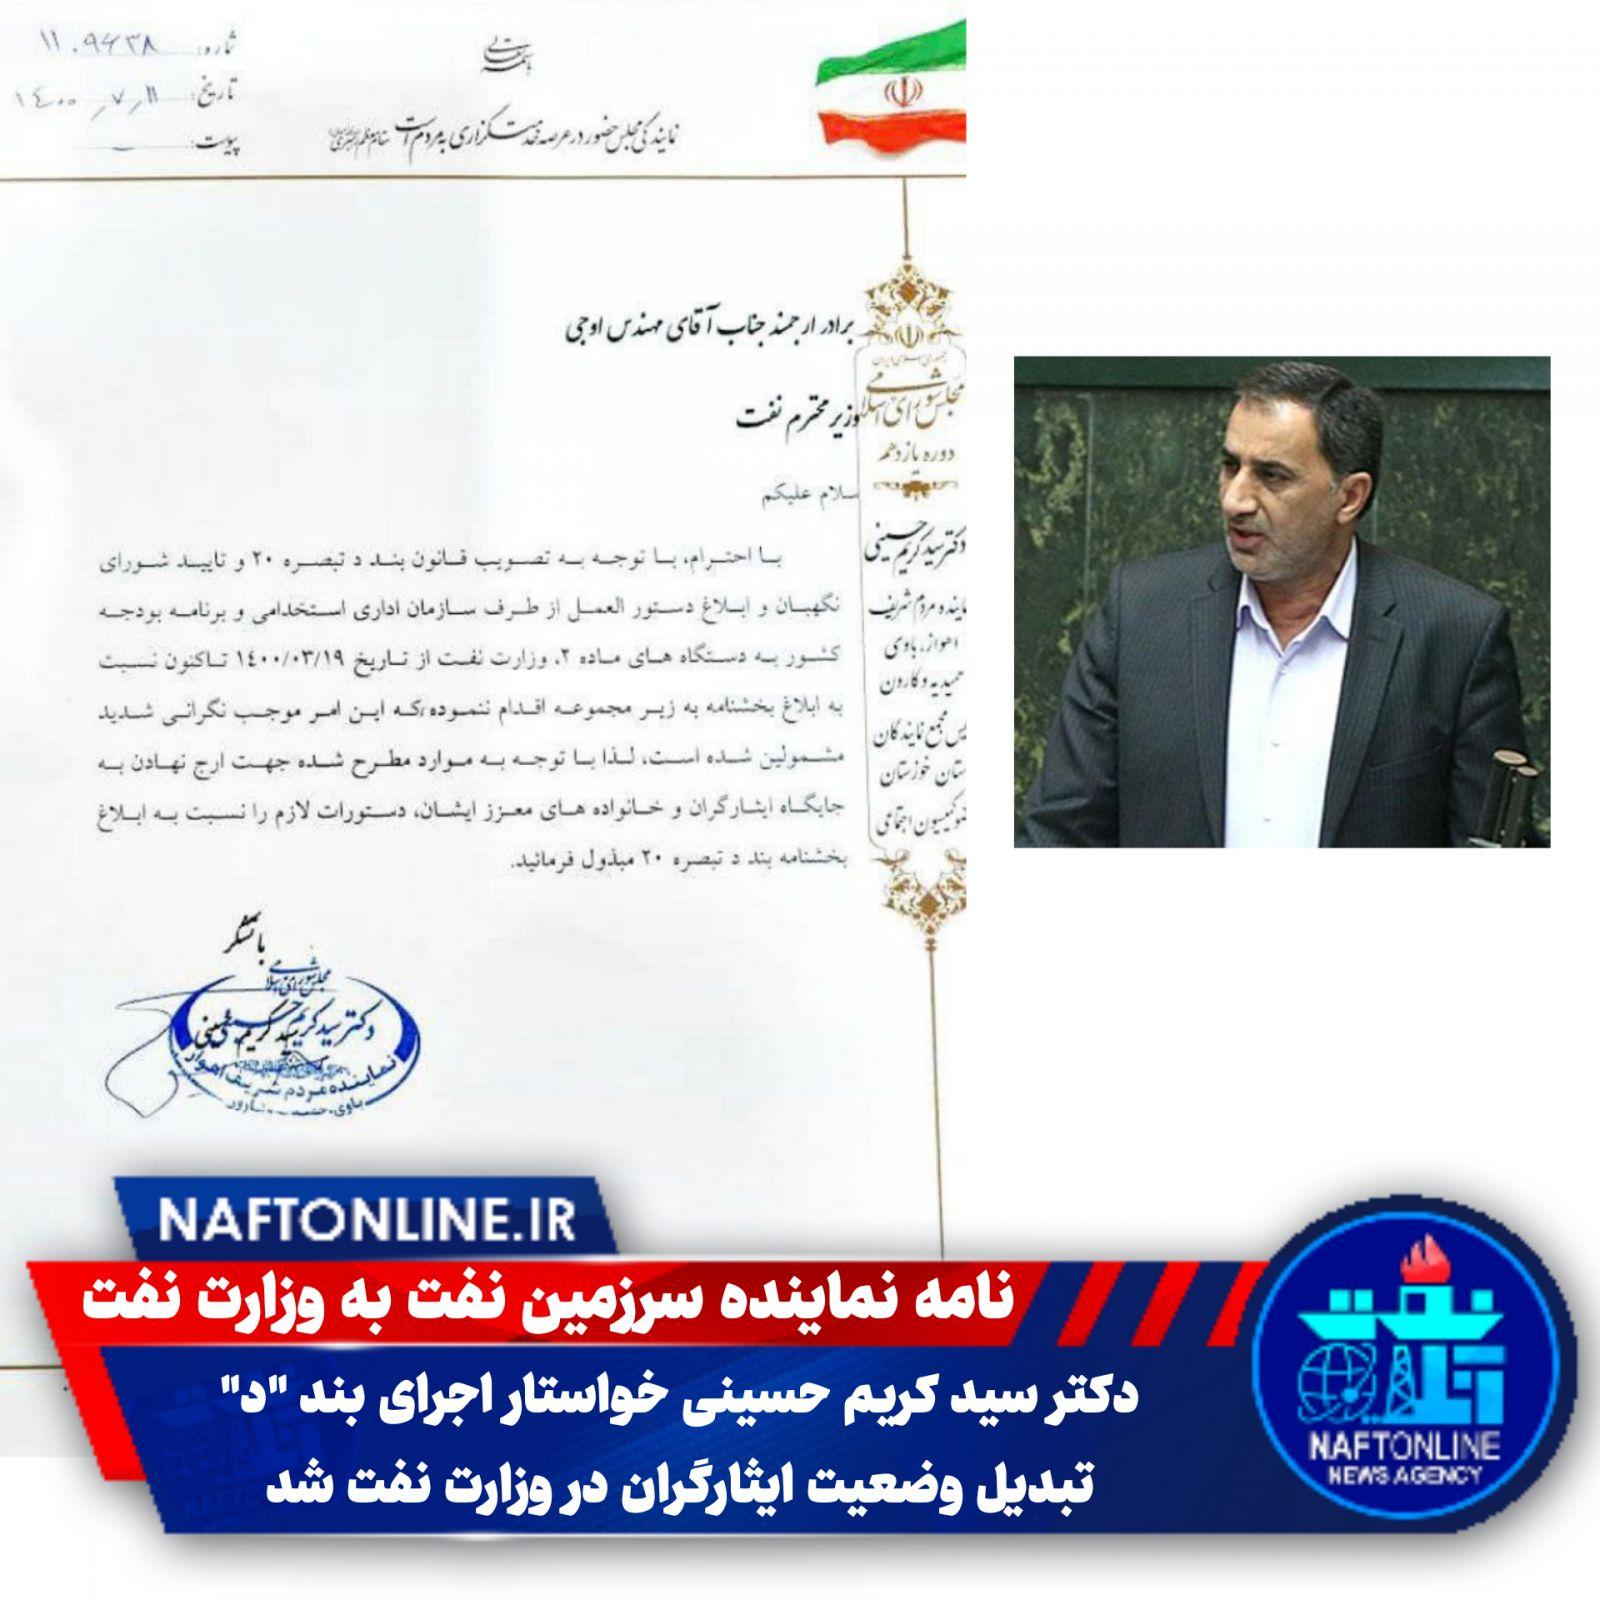 سید کریم حسینی نماینده اهواز نفت ایثارگران